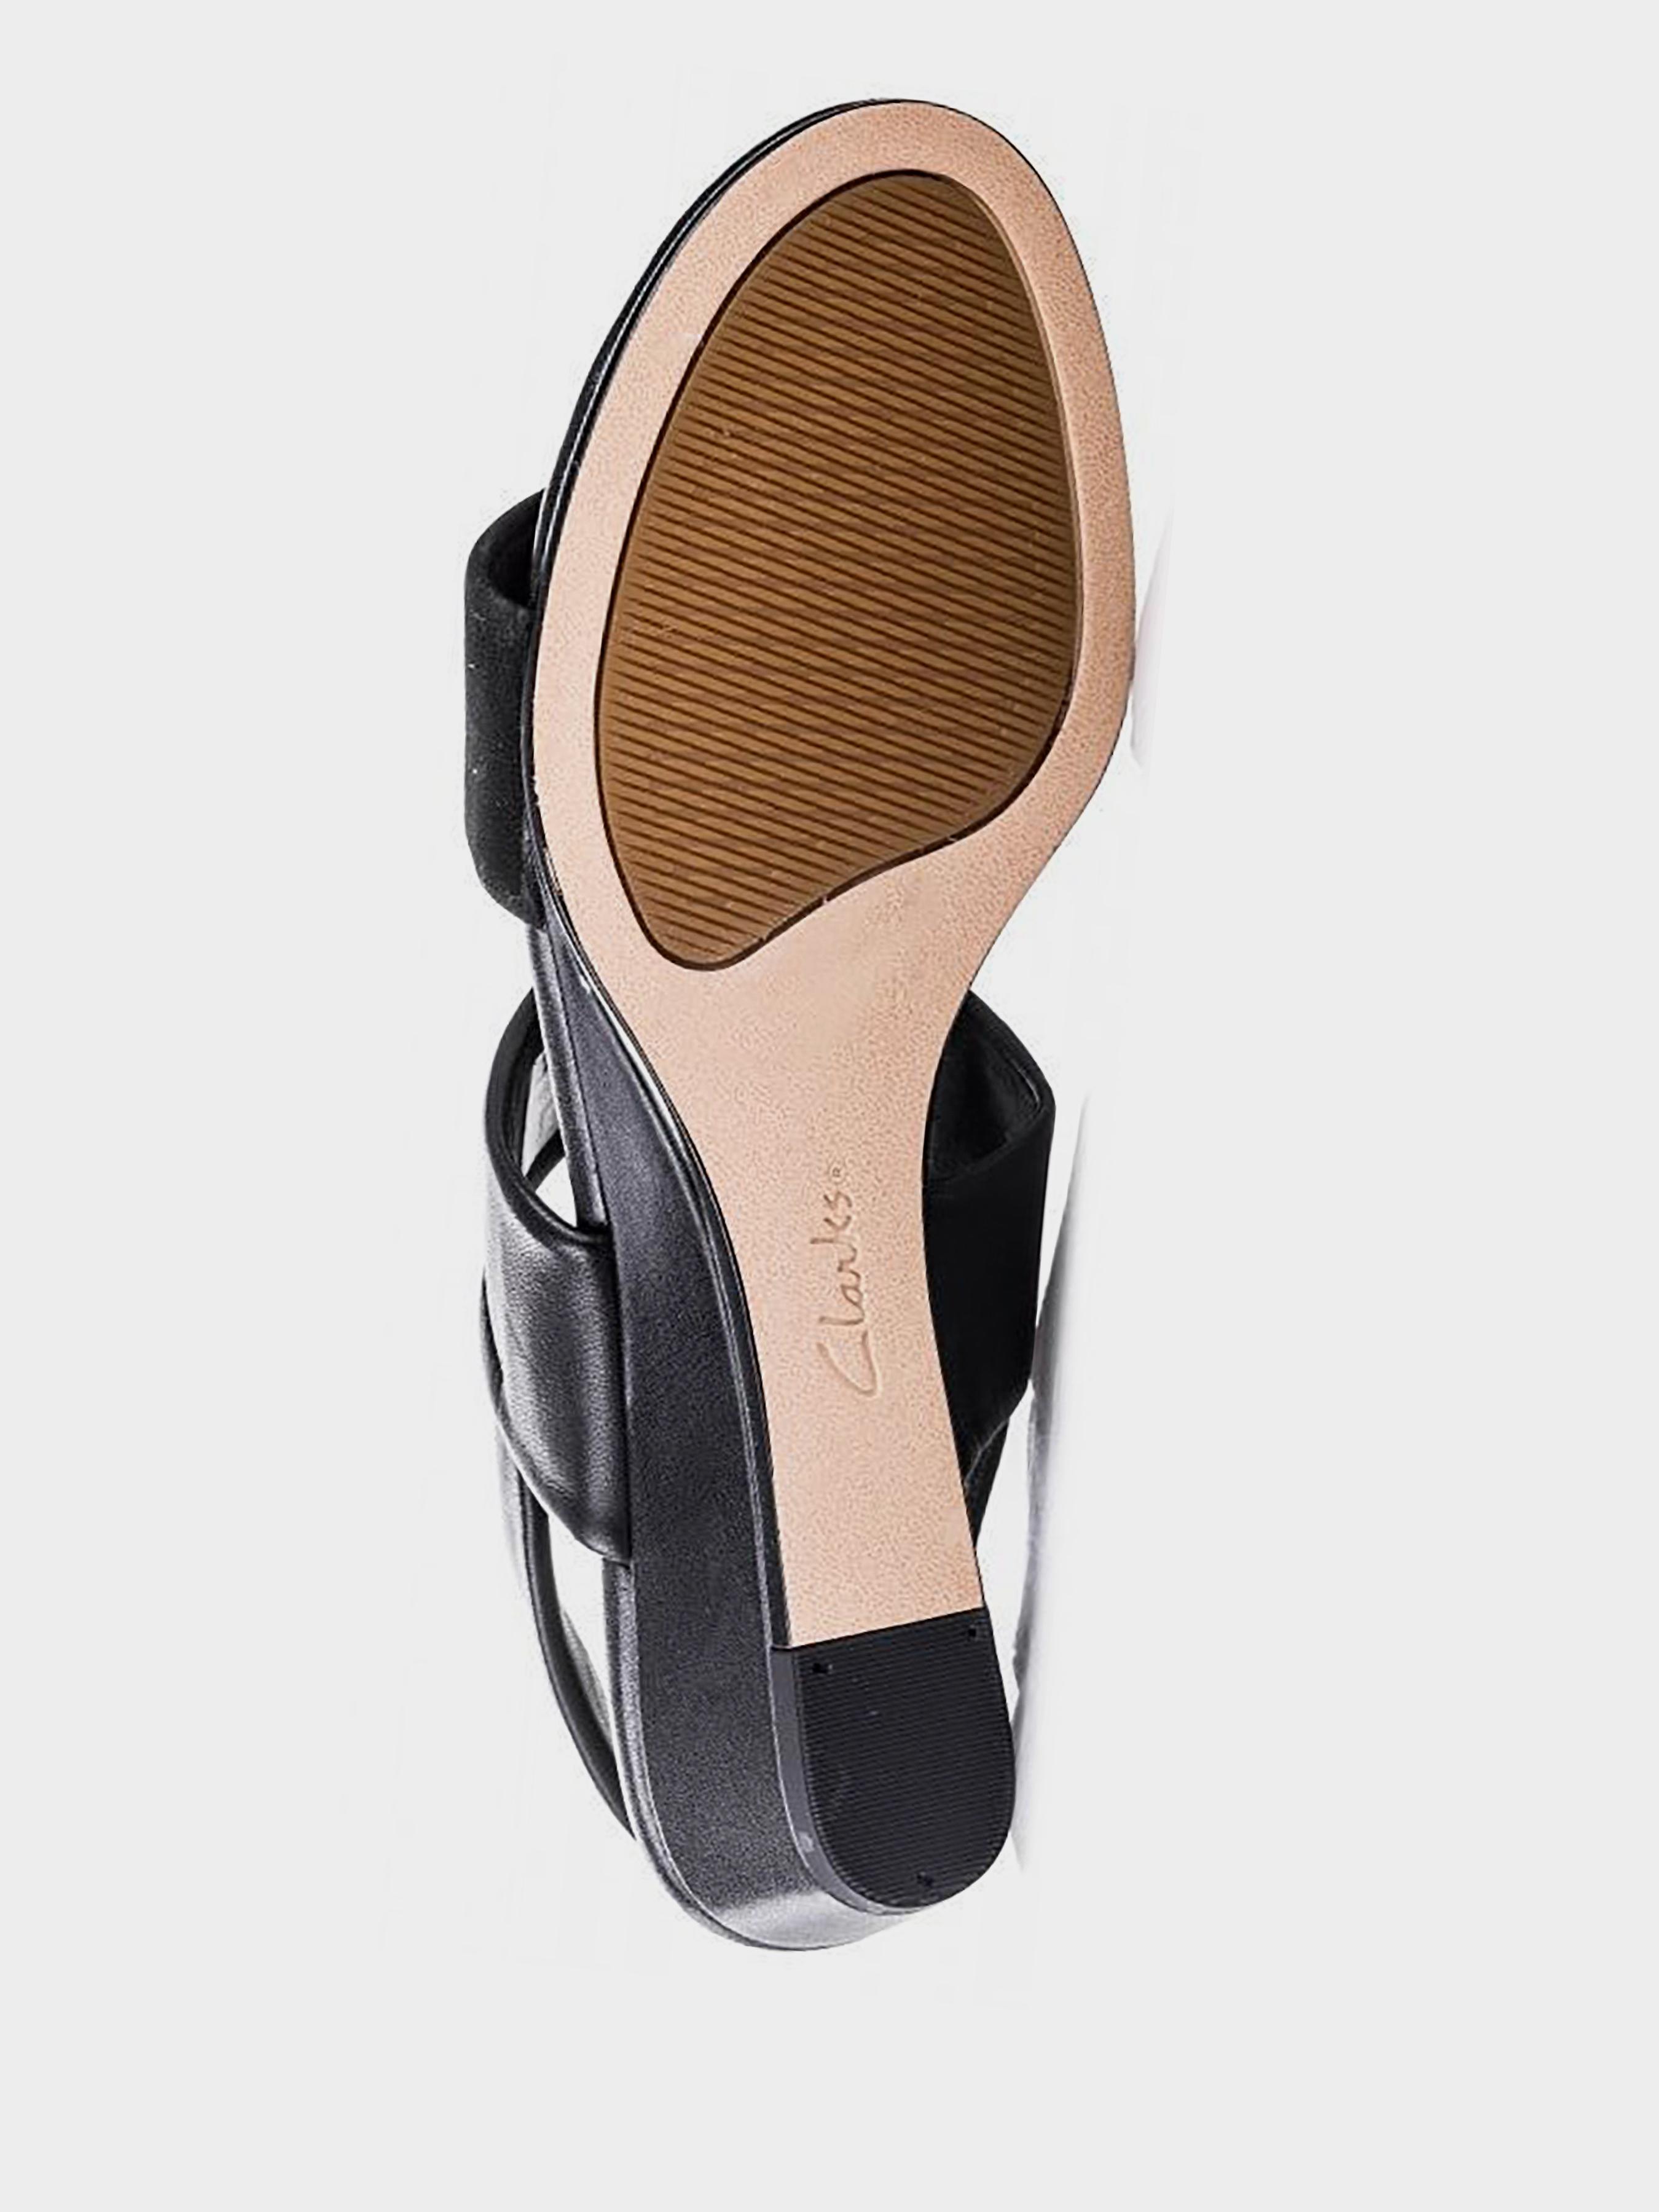 Босоножки женские Clarks Sense Lily OW4422 купить обувь, 2017